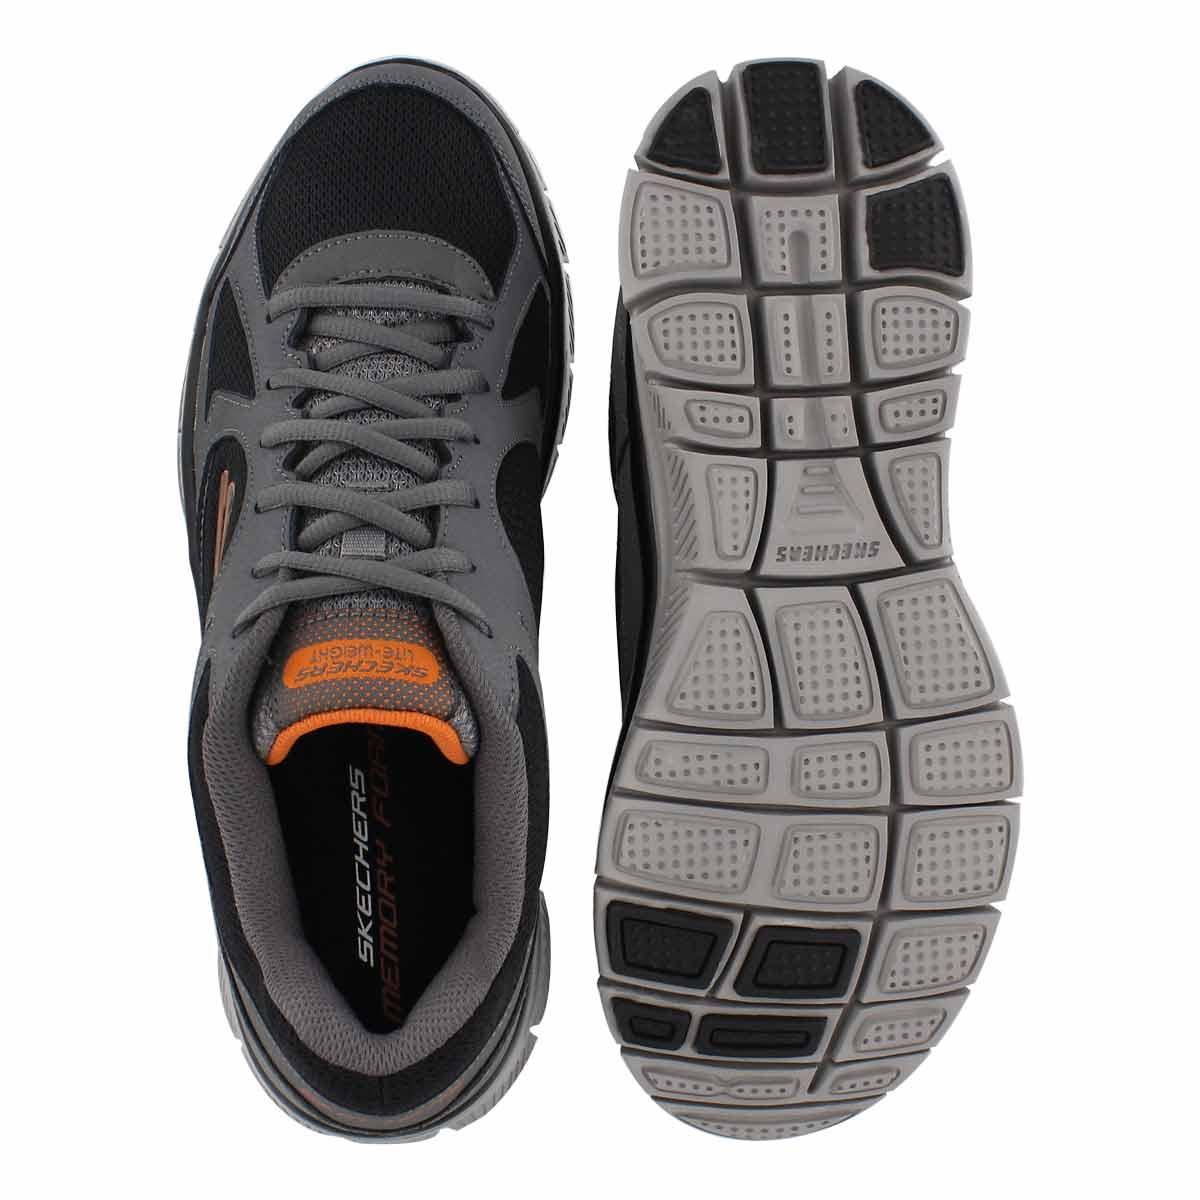 Mns Flex Advantage Zizzo gry/blk sneaker